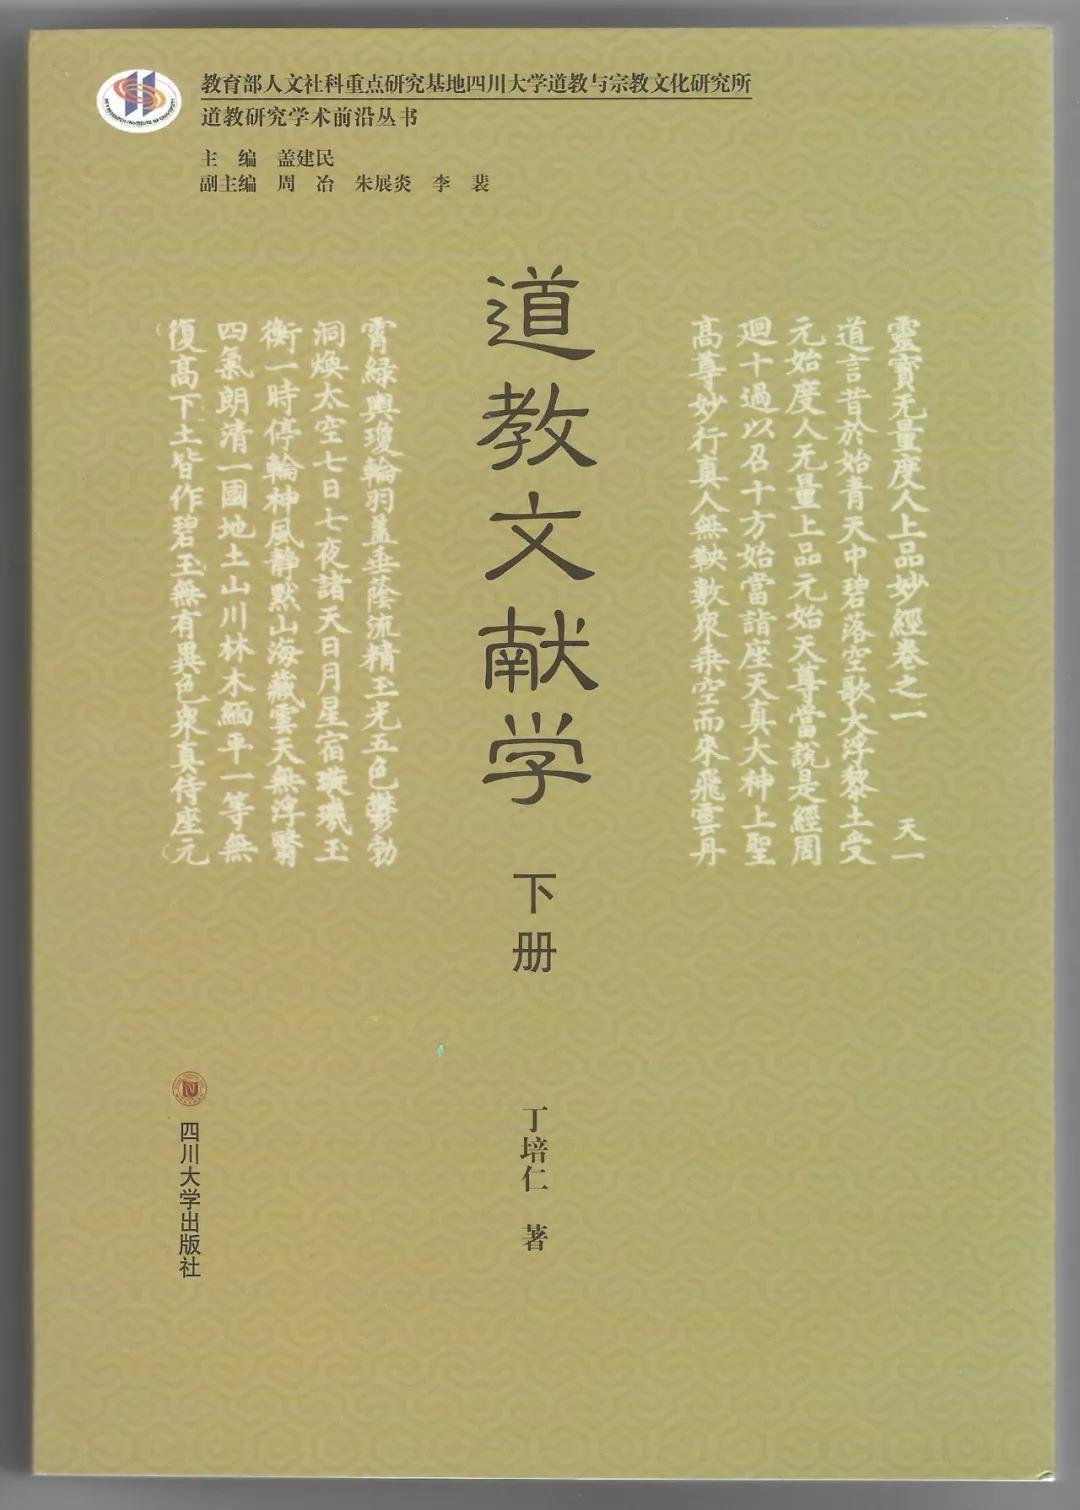 新书推介:丁培仁《道教文献学》(上、下)